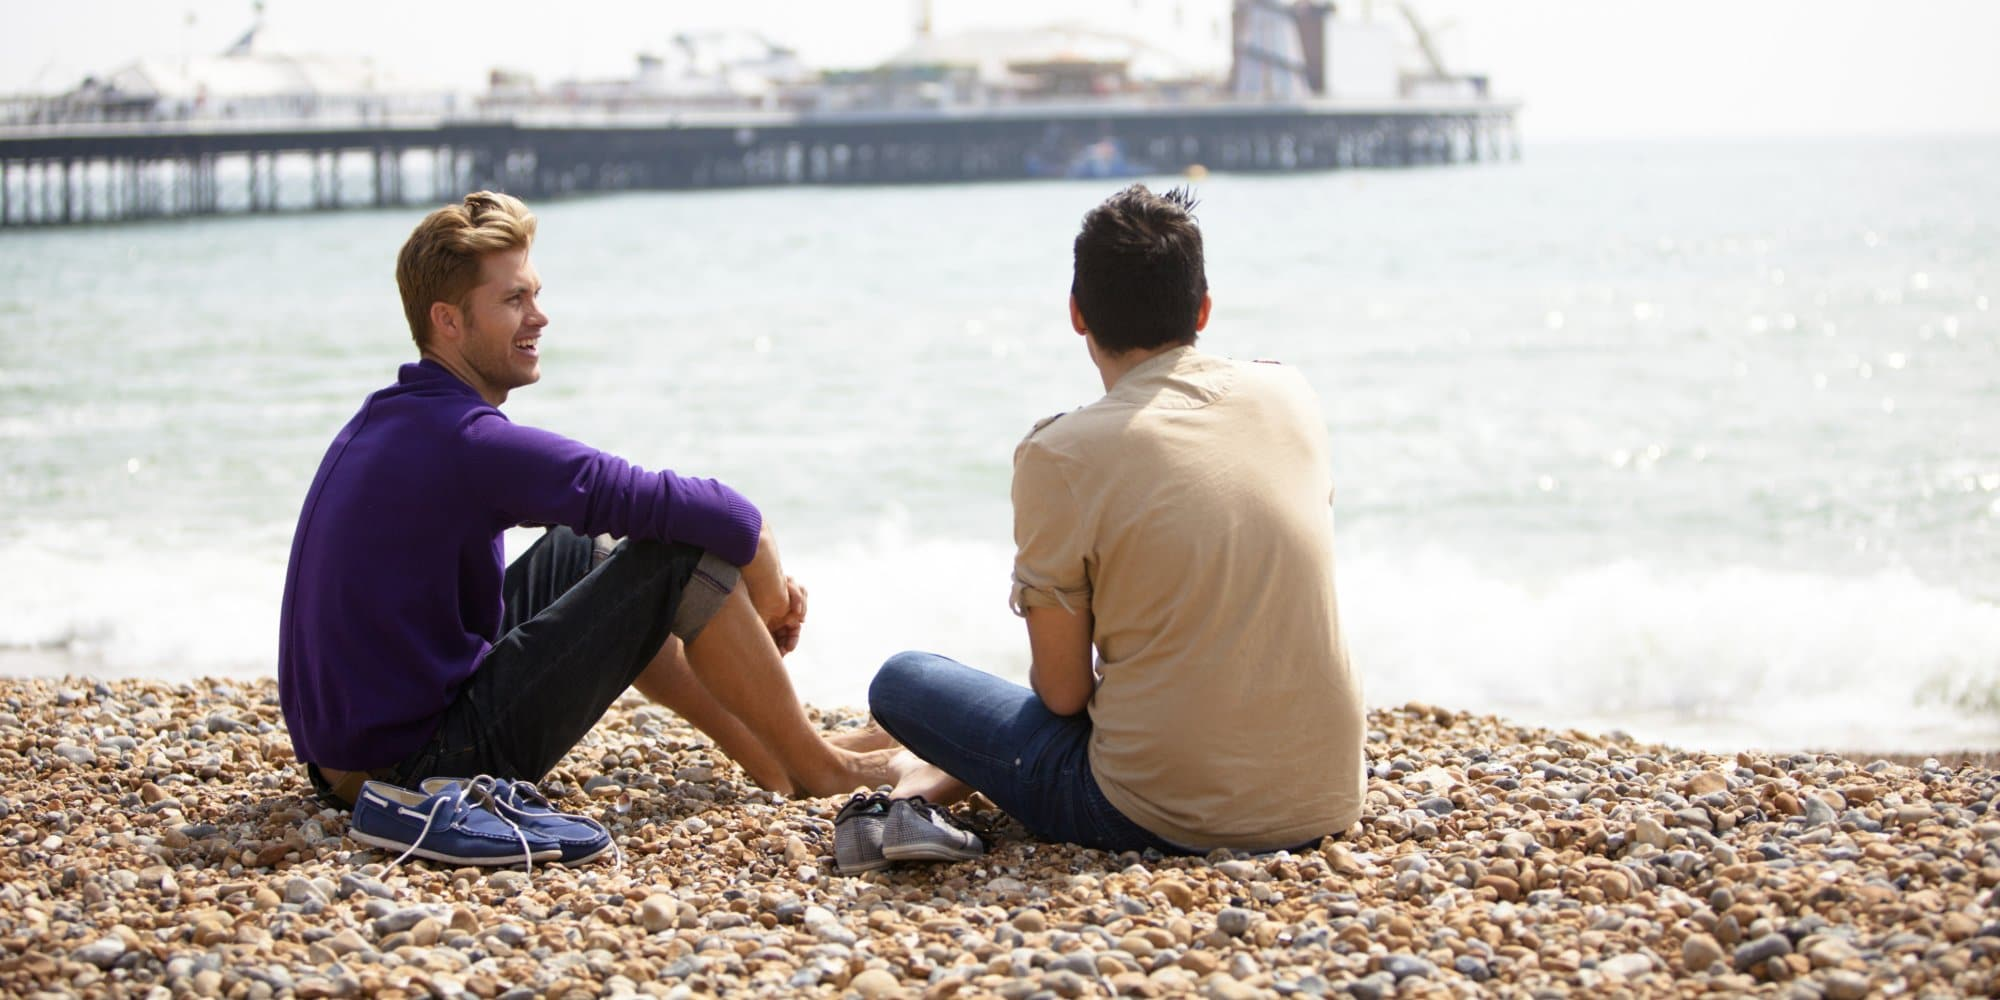 recherche rencontre gay therapy a Chatou